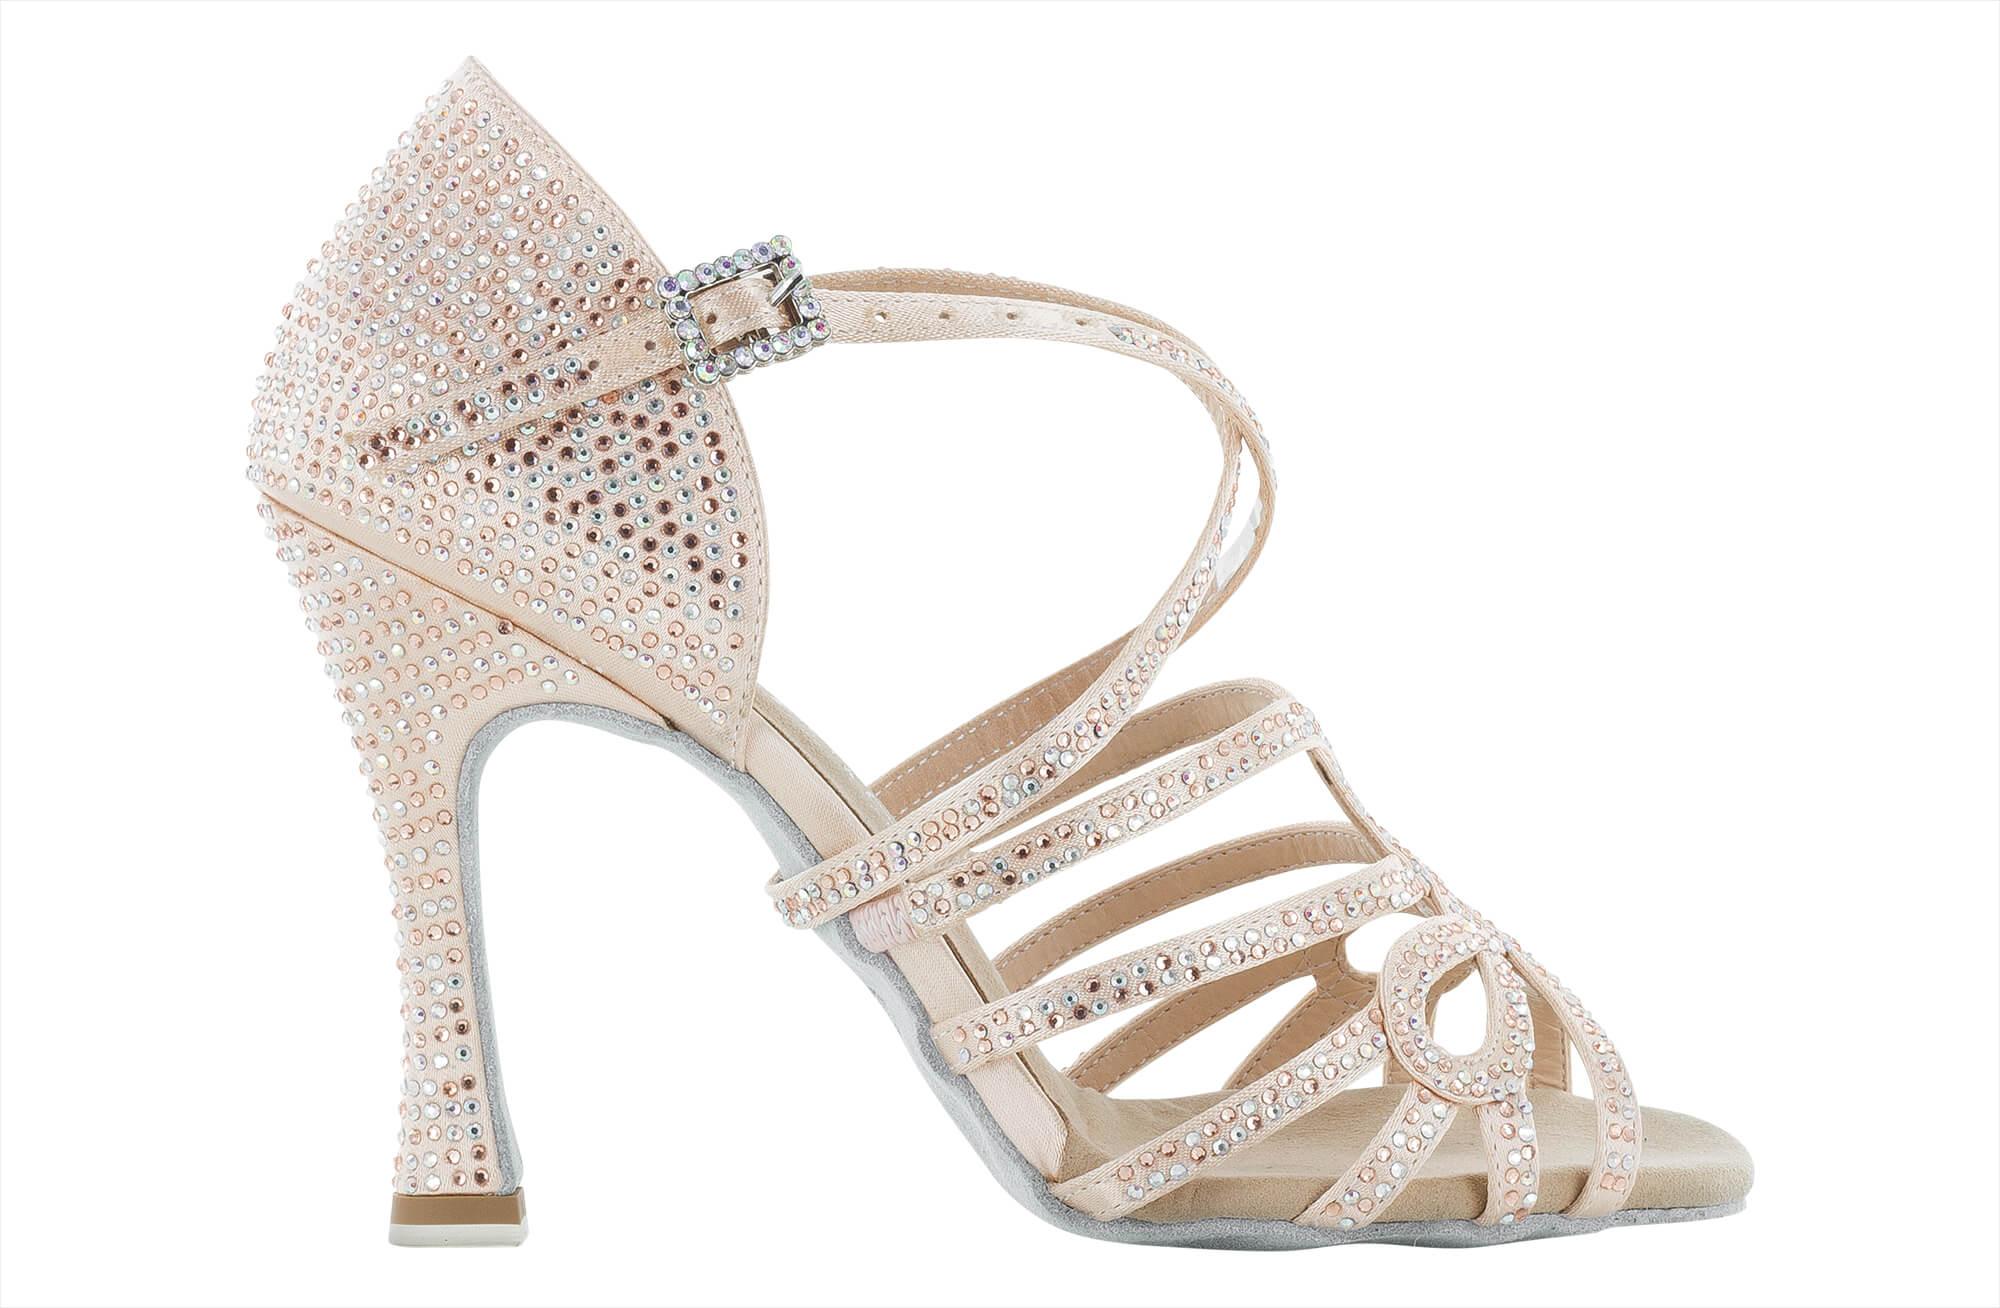 Zapato de baile Danc'in en Rosa Pálido con Tacón de 10cm 8790